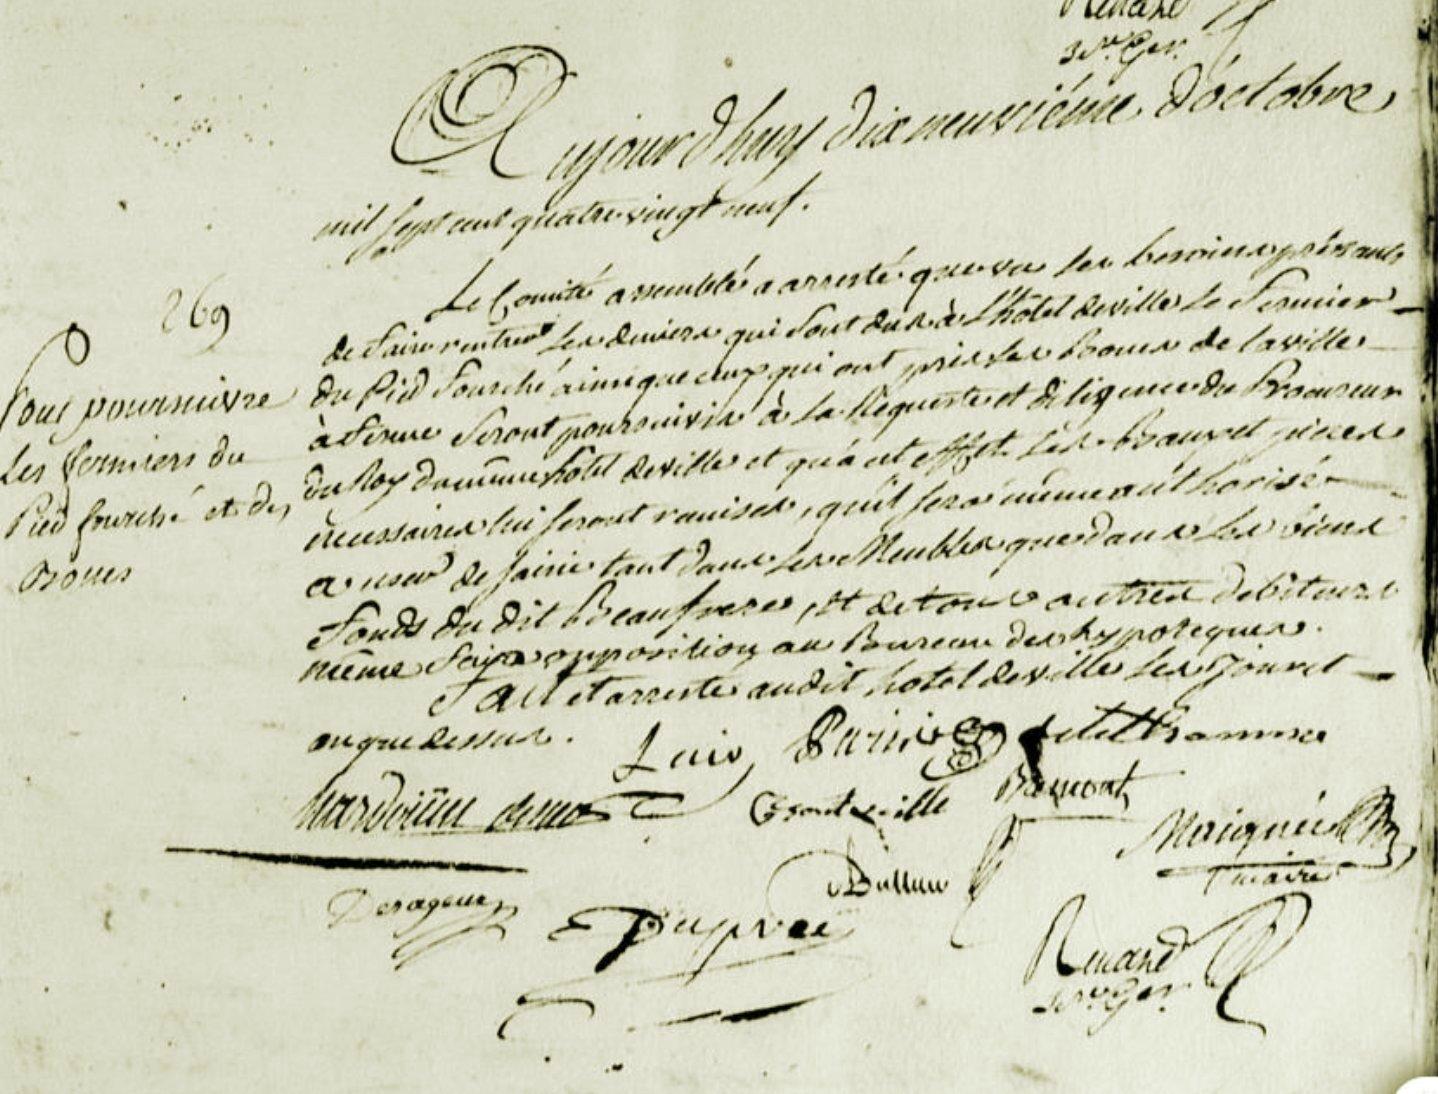 Le 19 octobre 1789 à Mamers : poursuite pour arrièrés.